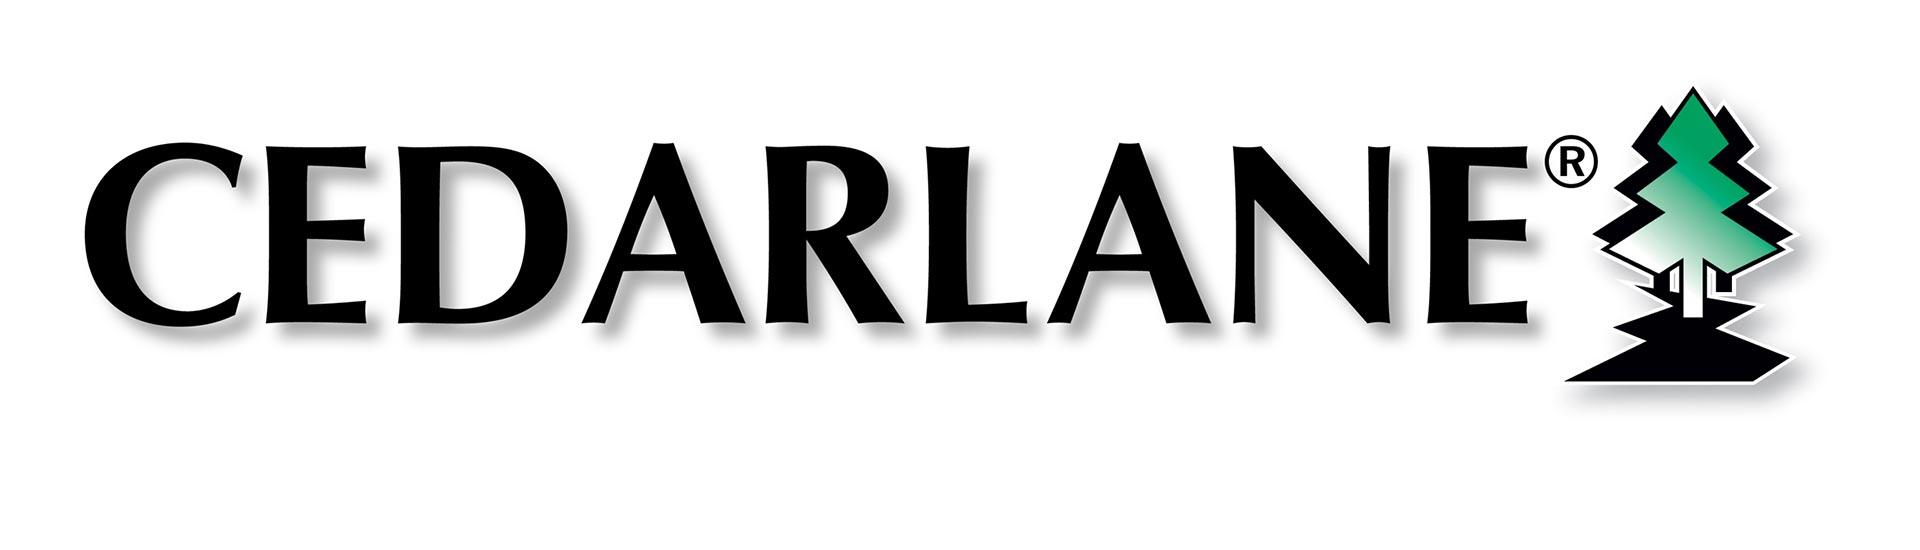 Cedarlane Labs Ürünleri